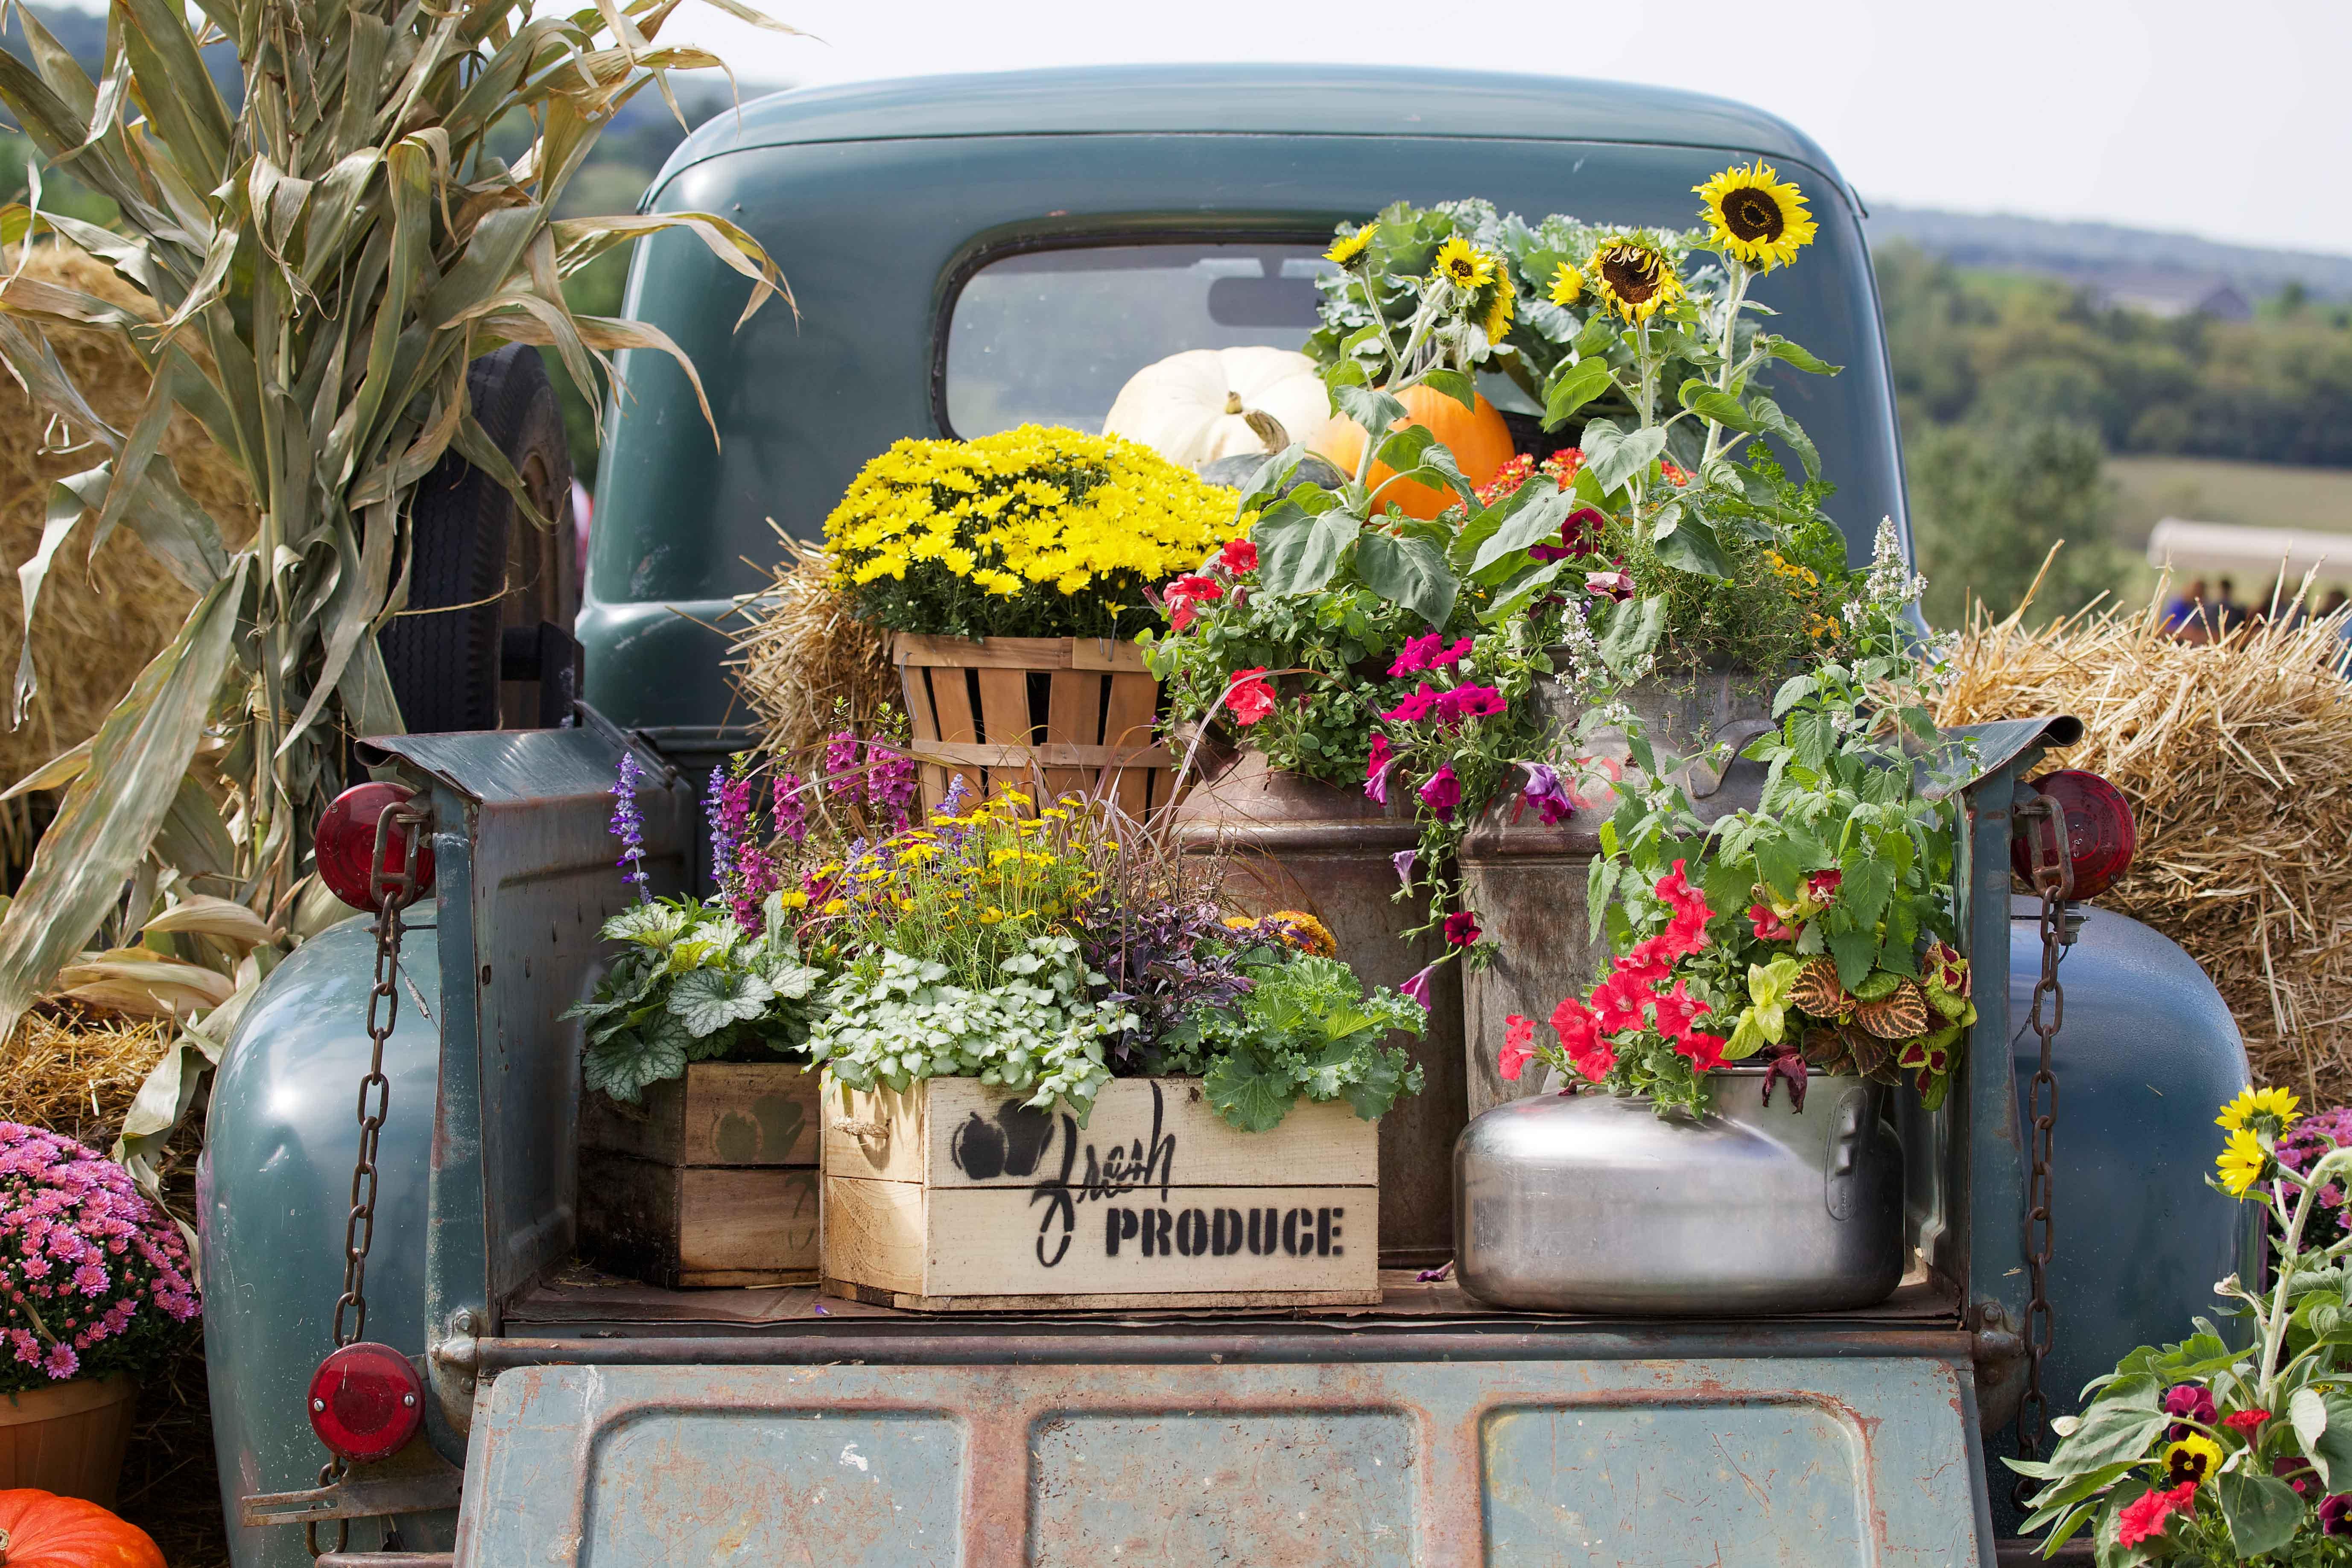 Camioneta decorada con flores